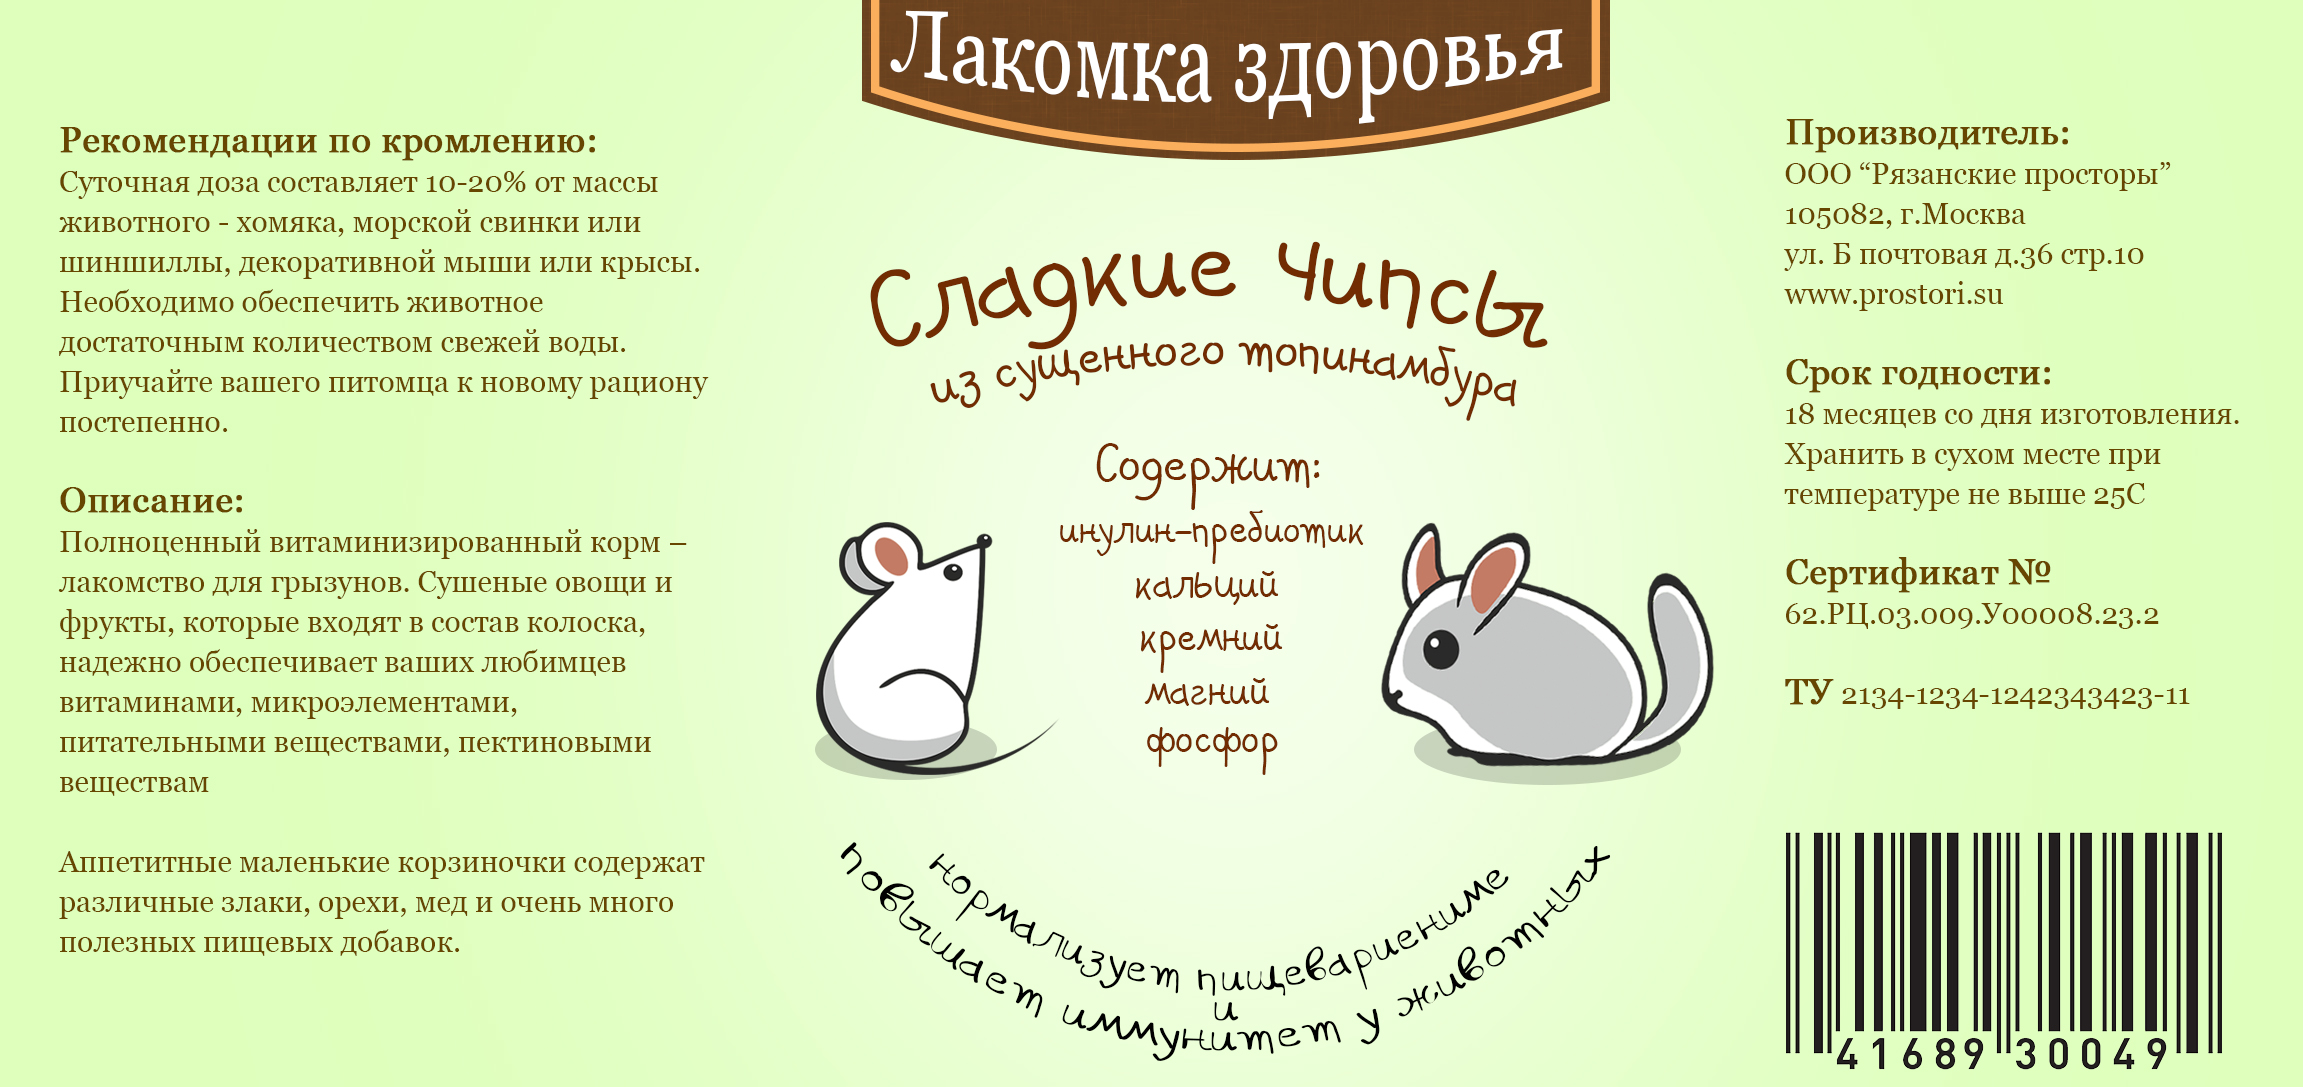 Дизайн этикетки на ПЭТ-банку лакомства для домашних грызунов фото f_78053b291130b4ca.jpg